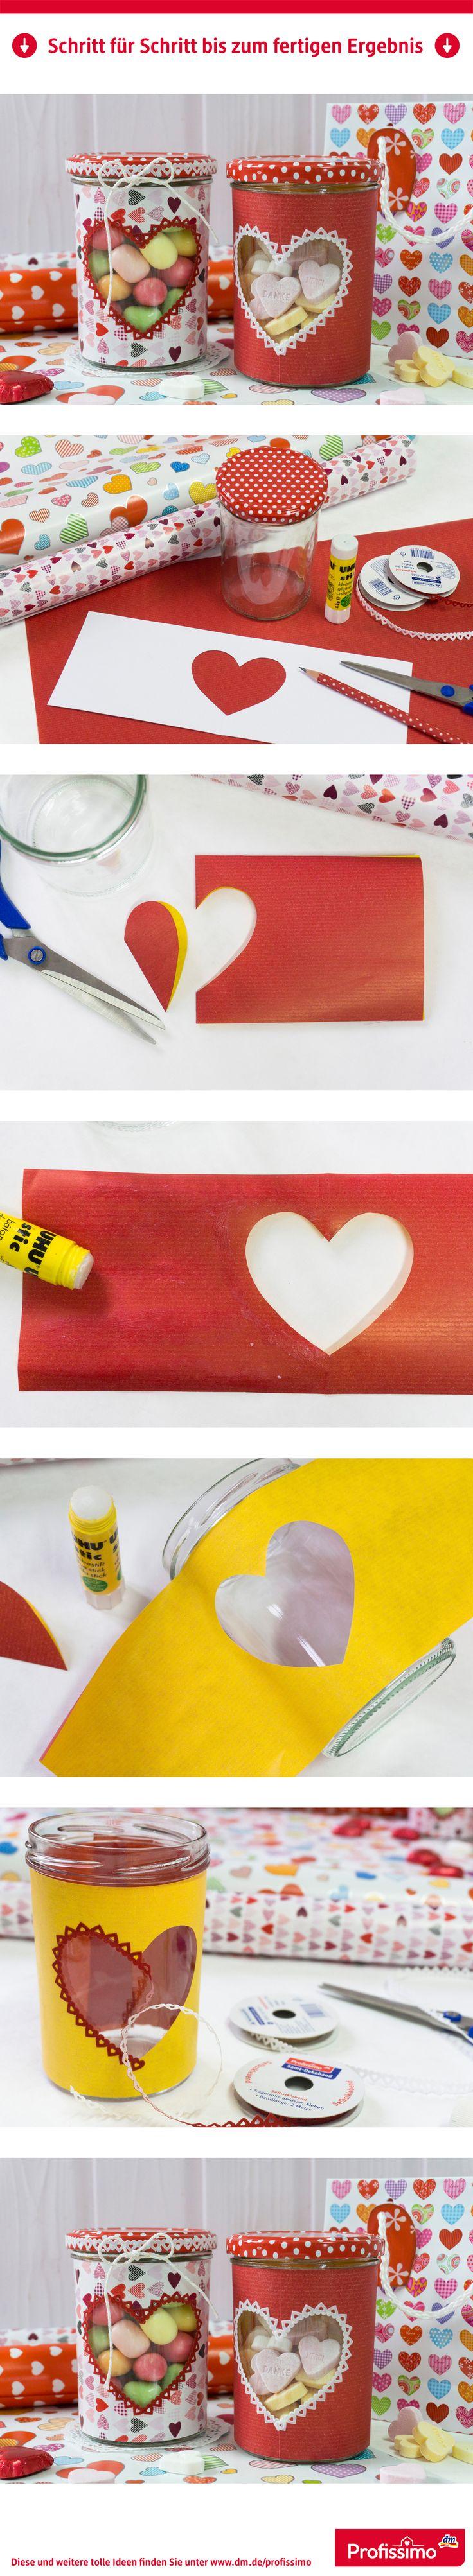 DIY-Idee zum Muttertag: Super süßes Herzglas verschenken! Weil Danke sagen mit solchen Leckereien besonders schön ist. Und wenn die ganzen Leckereien weg sind, kann man das Glas sogar als Teelicht benutzen. Eine Schritt-für-Schritt Anleitung finden Sie auf dm.de/profissimo-kreativ // #ProfissimoKreativ #basteln #Idee #Kreativ #DIY #Muttertag